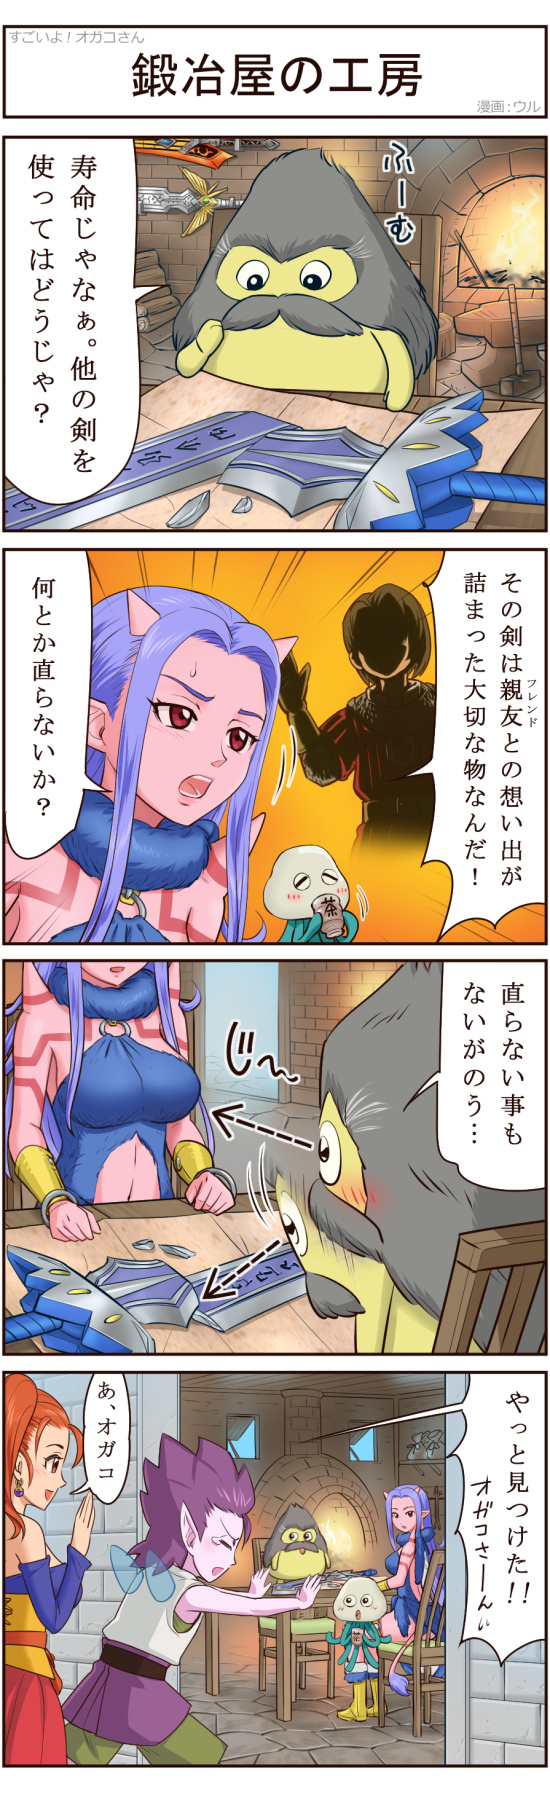 4コマ漫画DQXすごいよ!オガコさん第42話